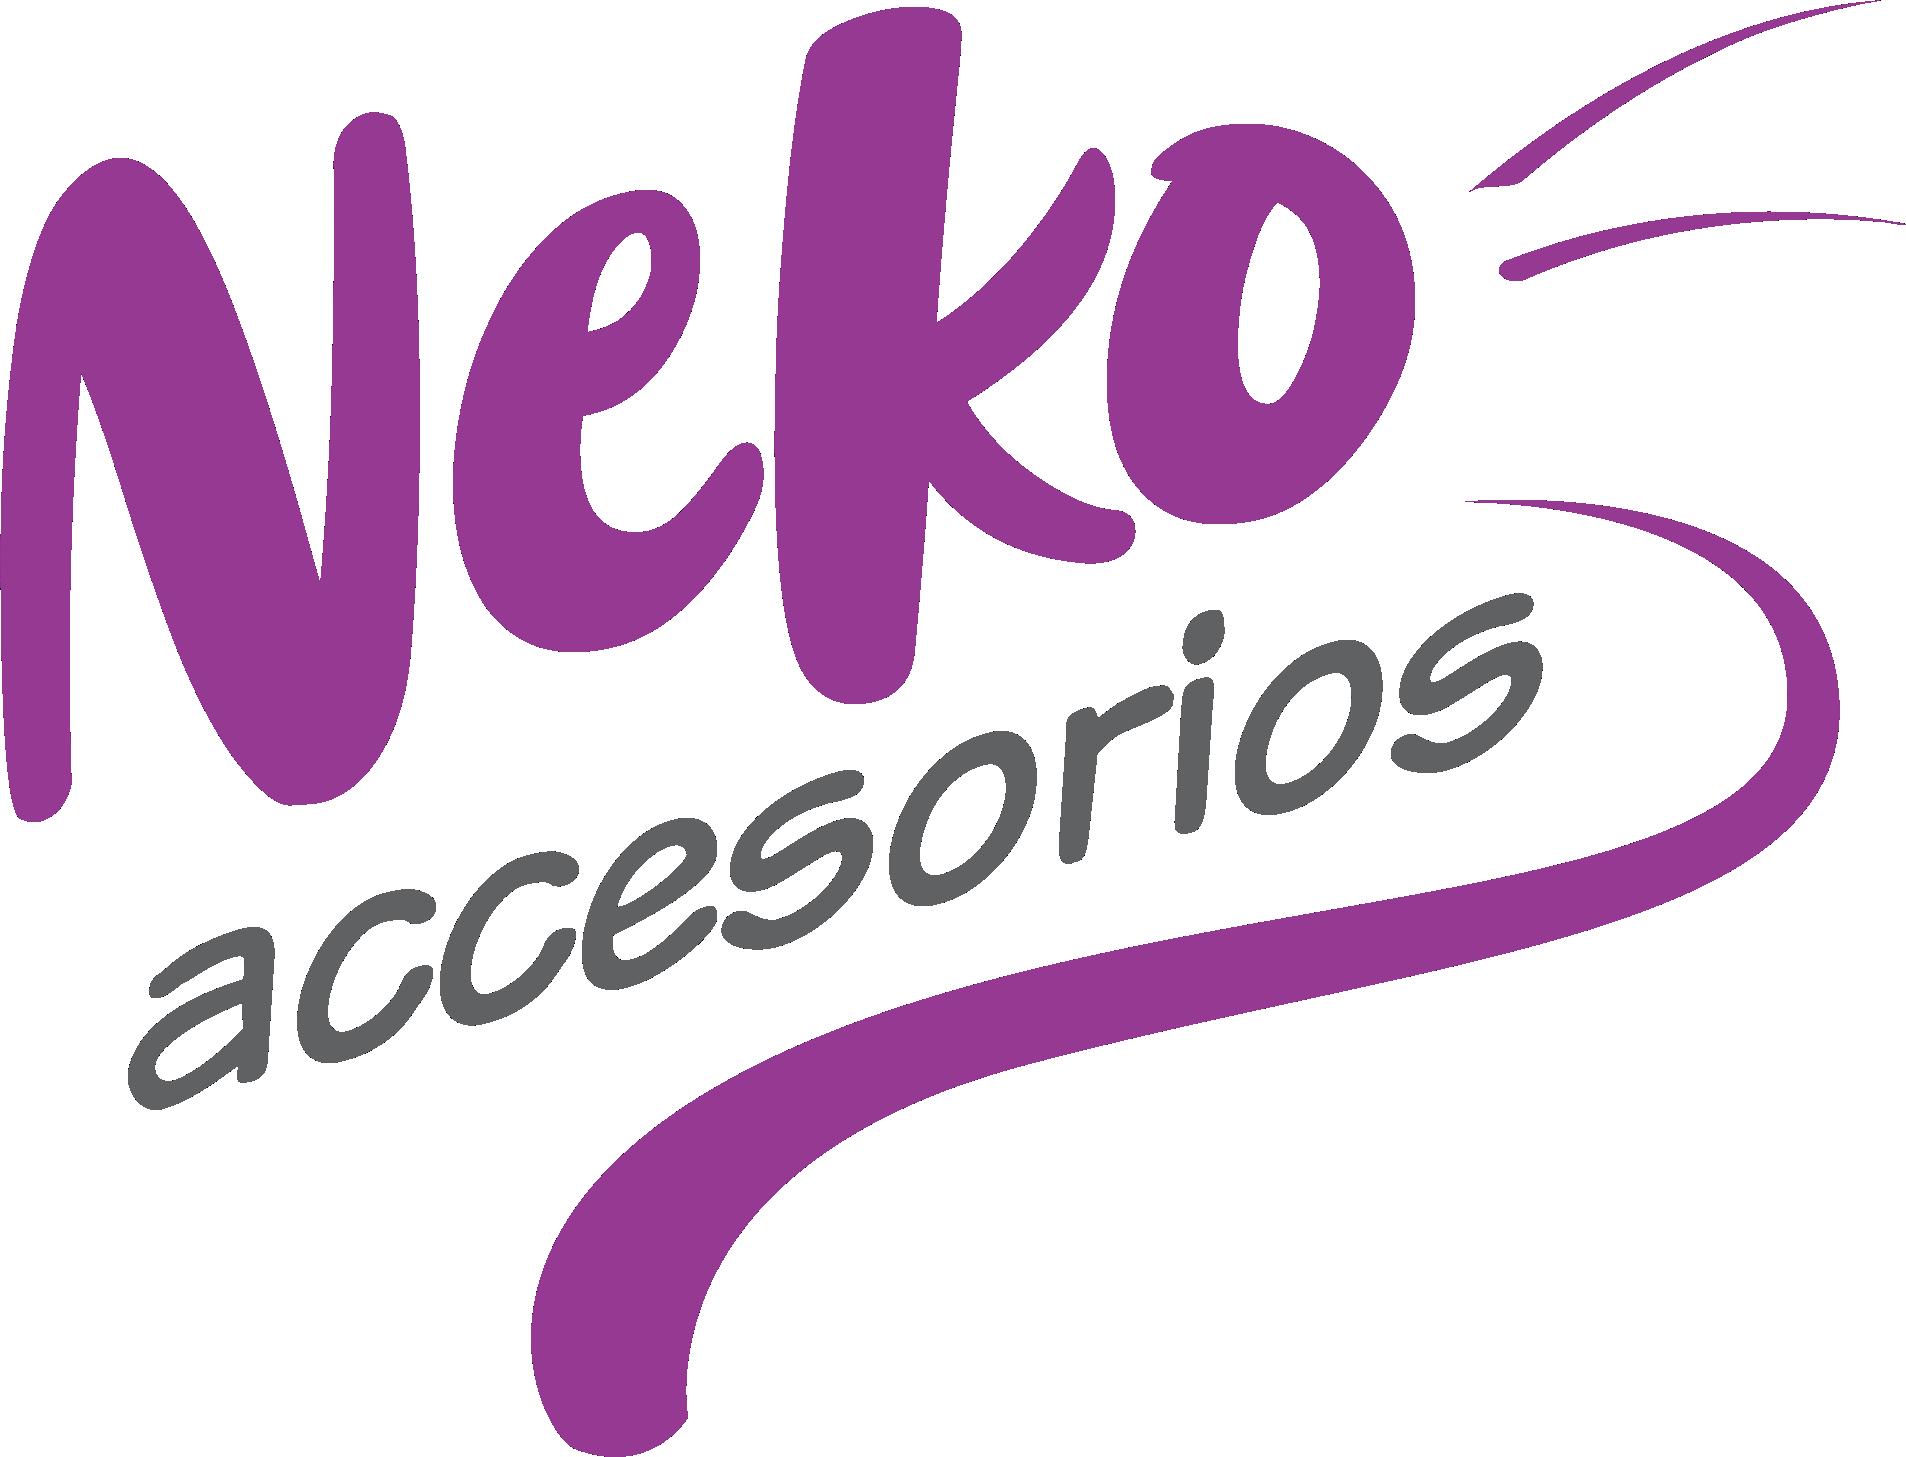 Neko Accesorios